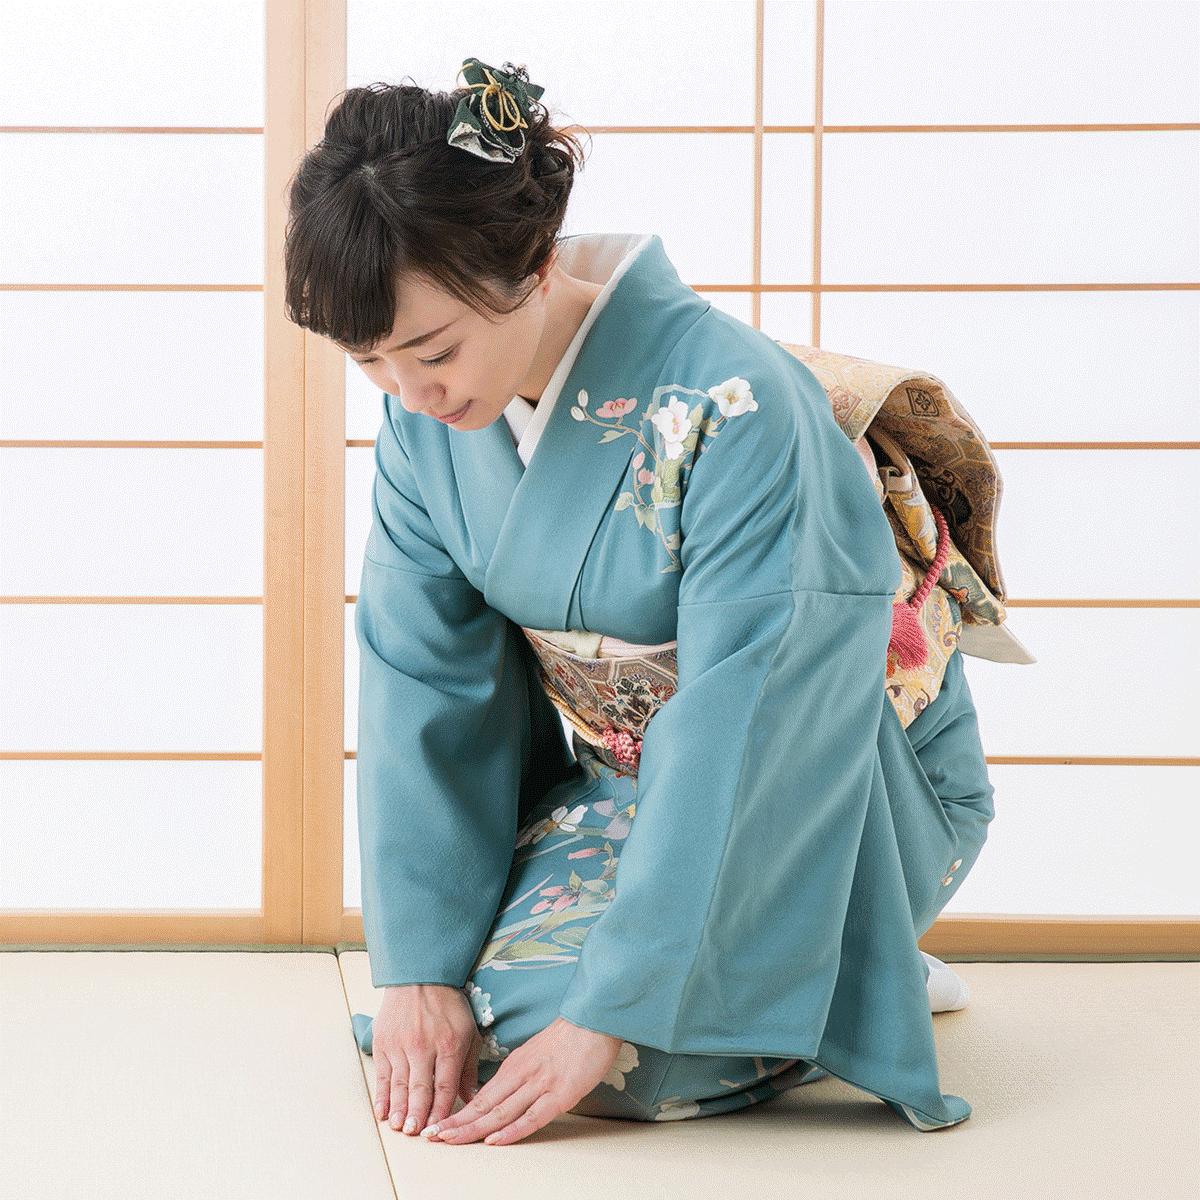 Nhật Bản nổi tiếng với tinh thần hiếu khách Omotenashi.